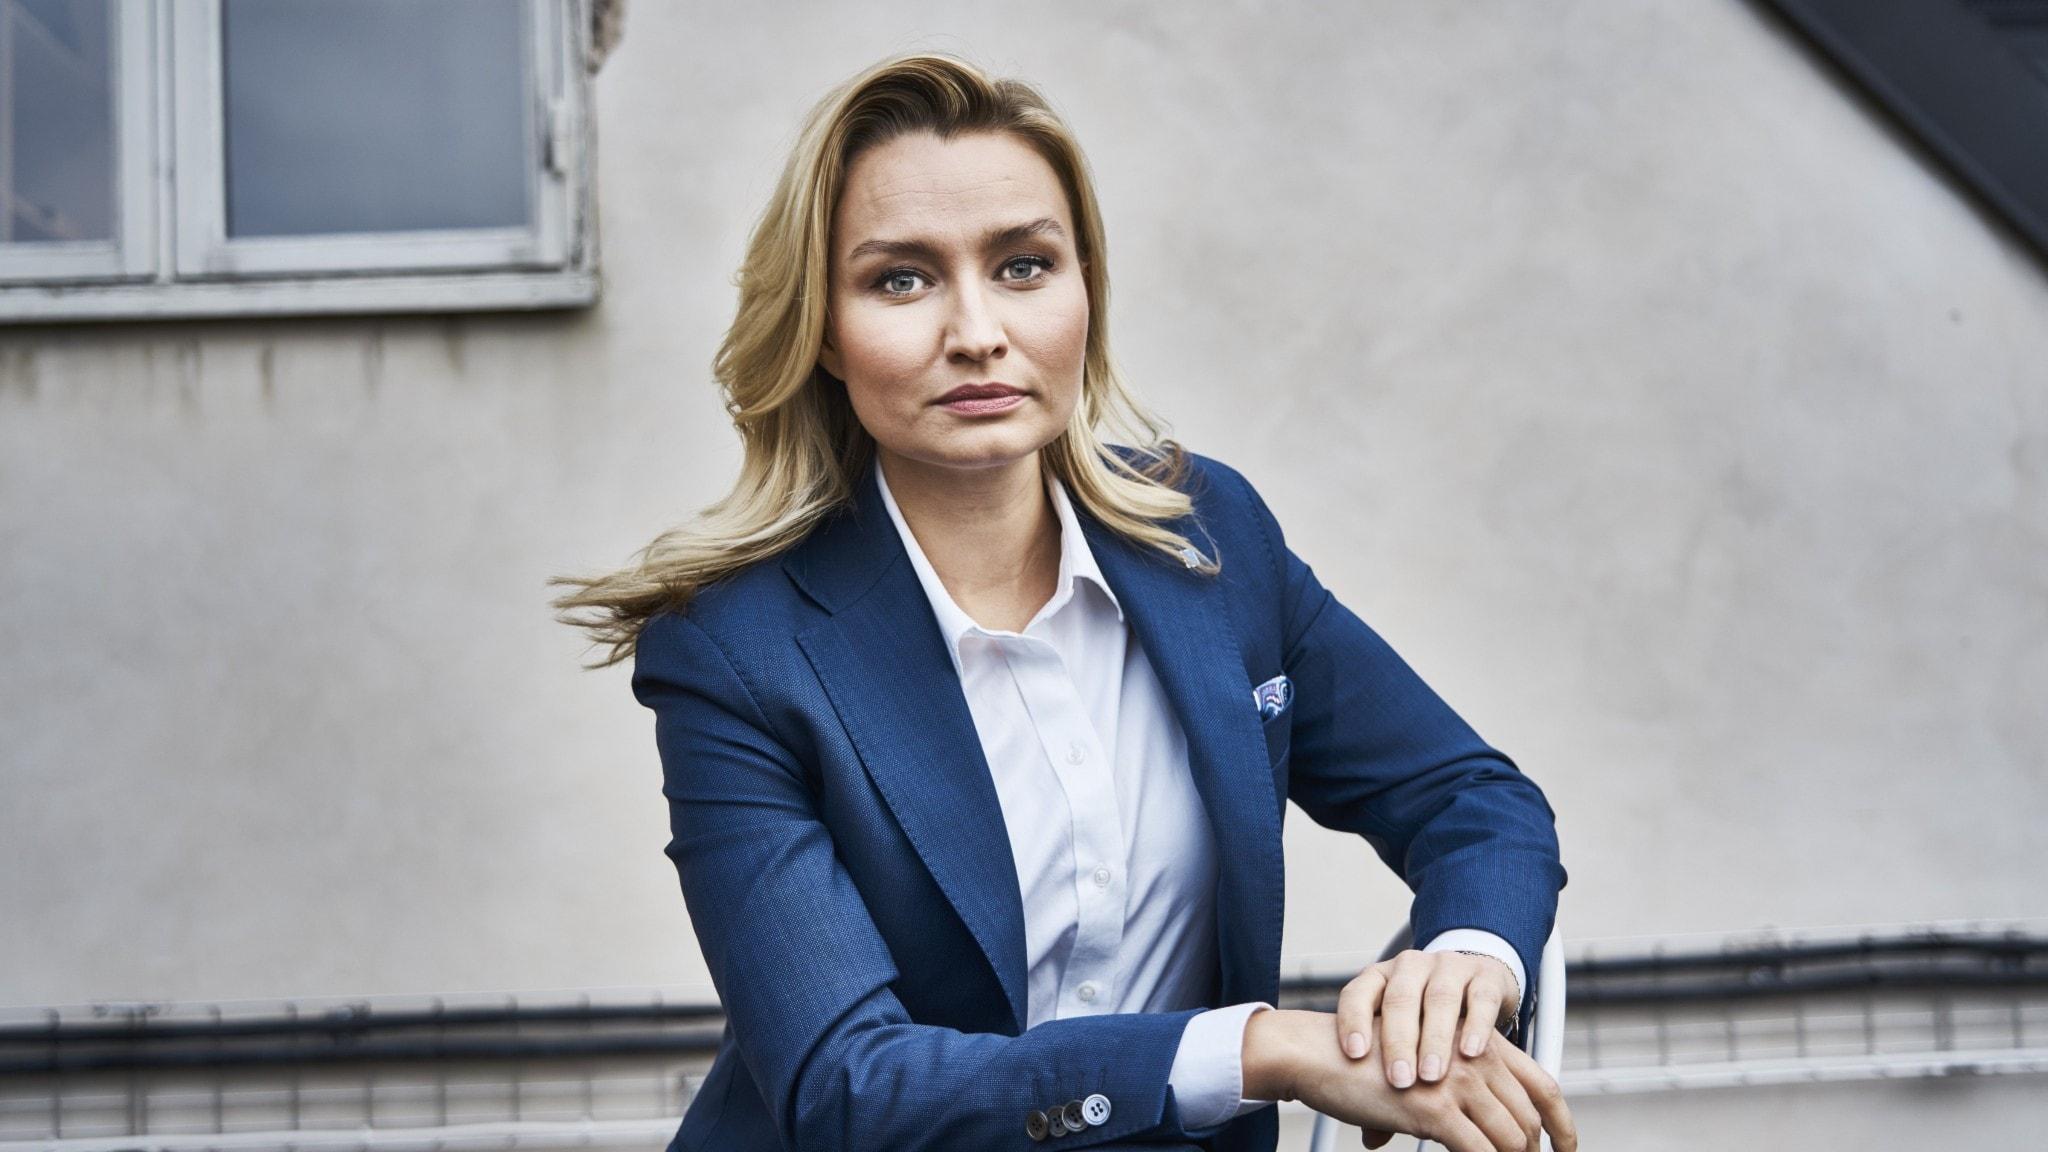 Ebba Busch